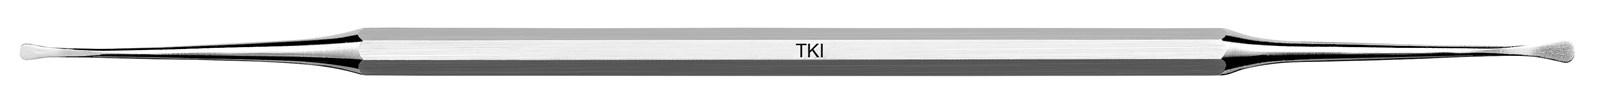 Nůž pro tunelovou techniku - TKI, ADEP žlutý